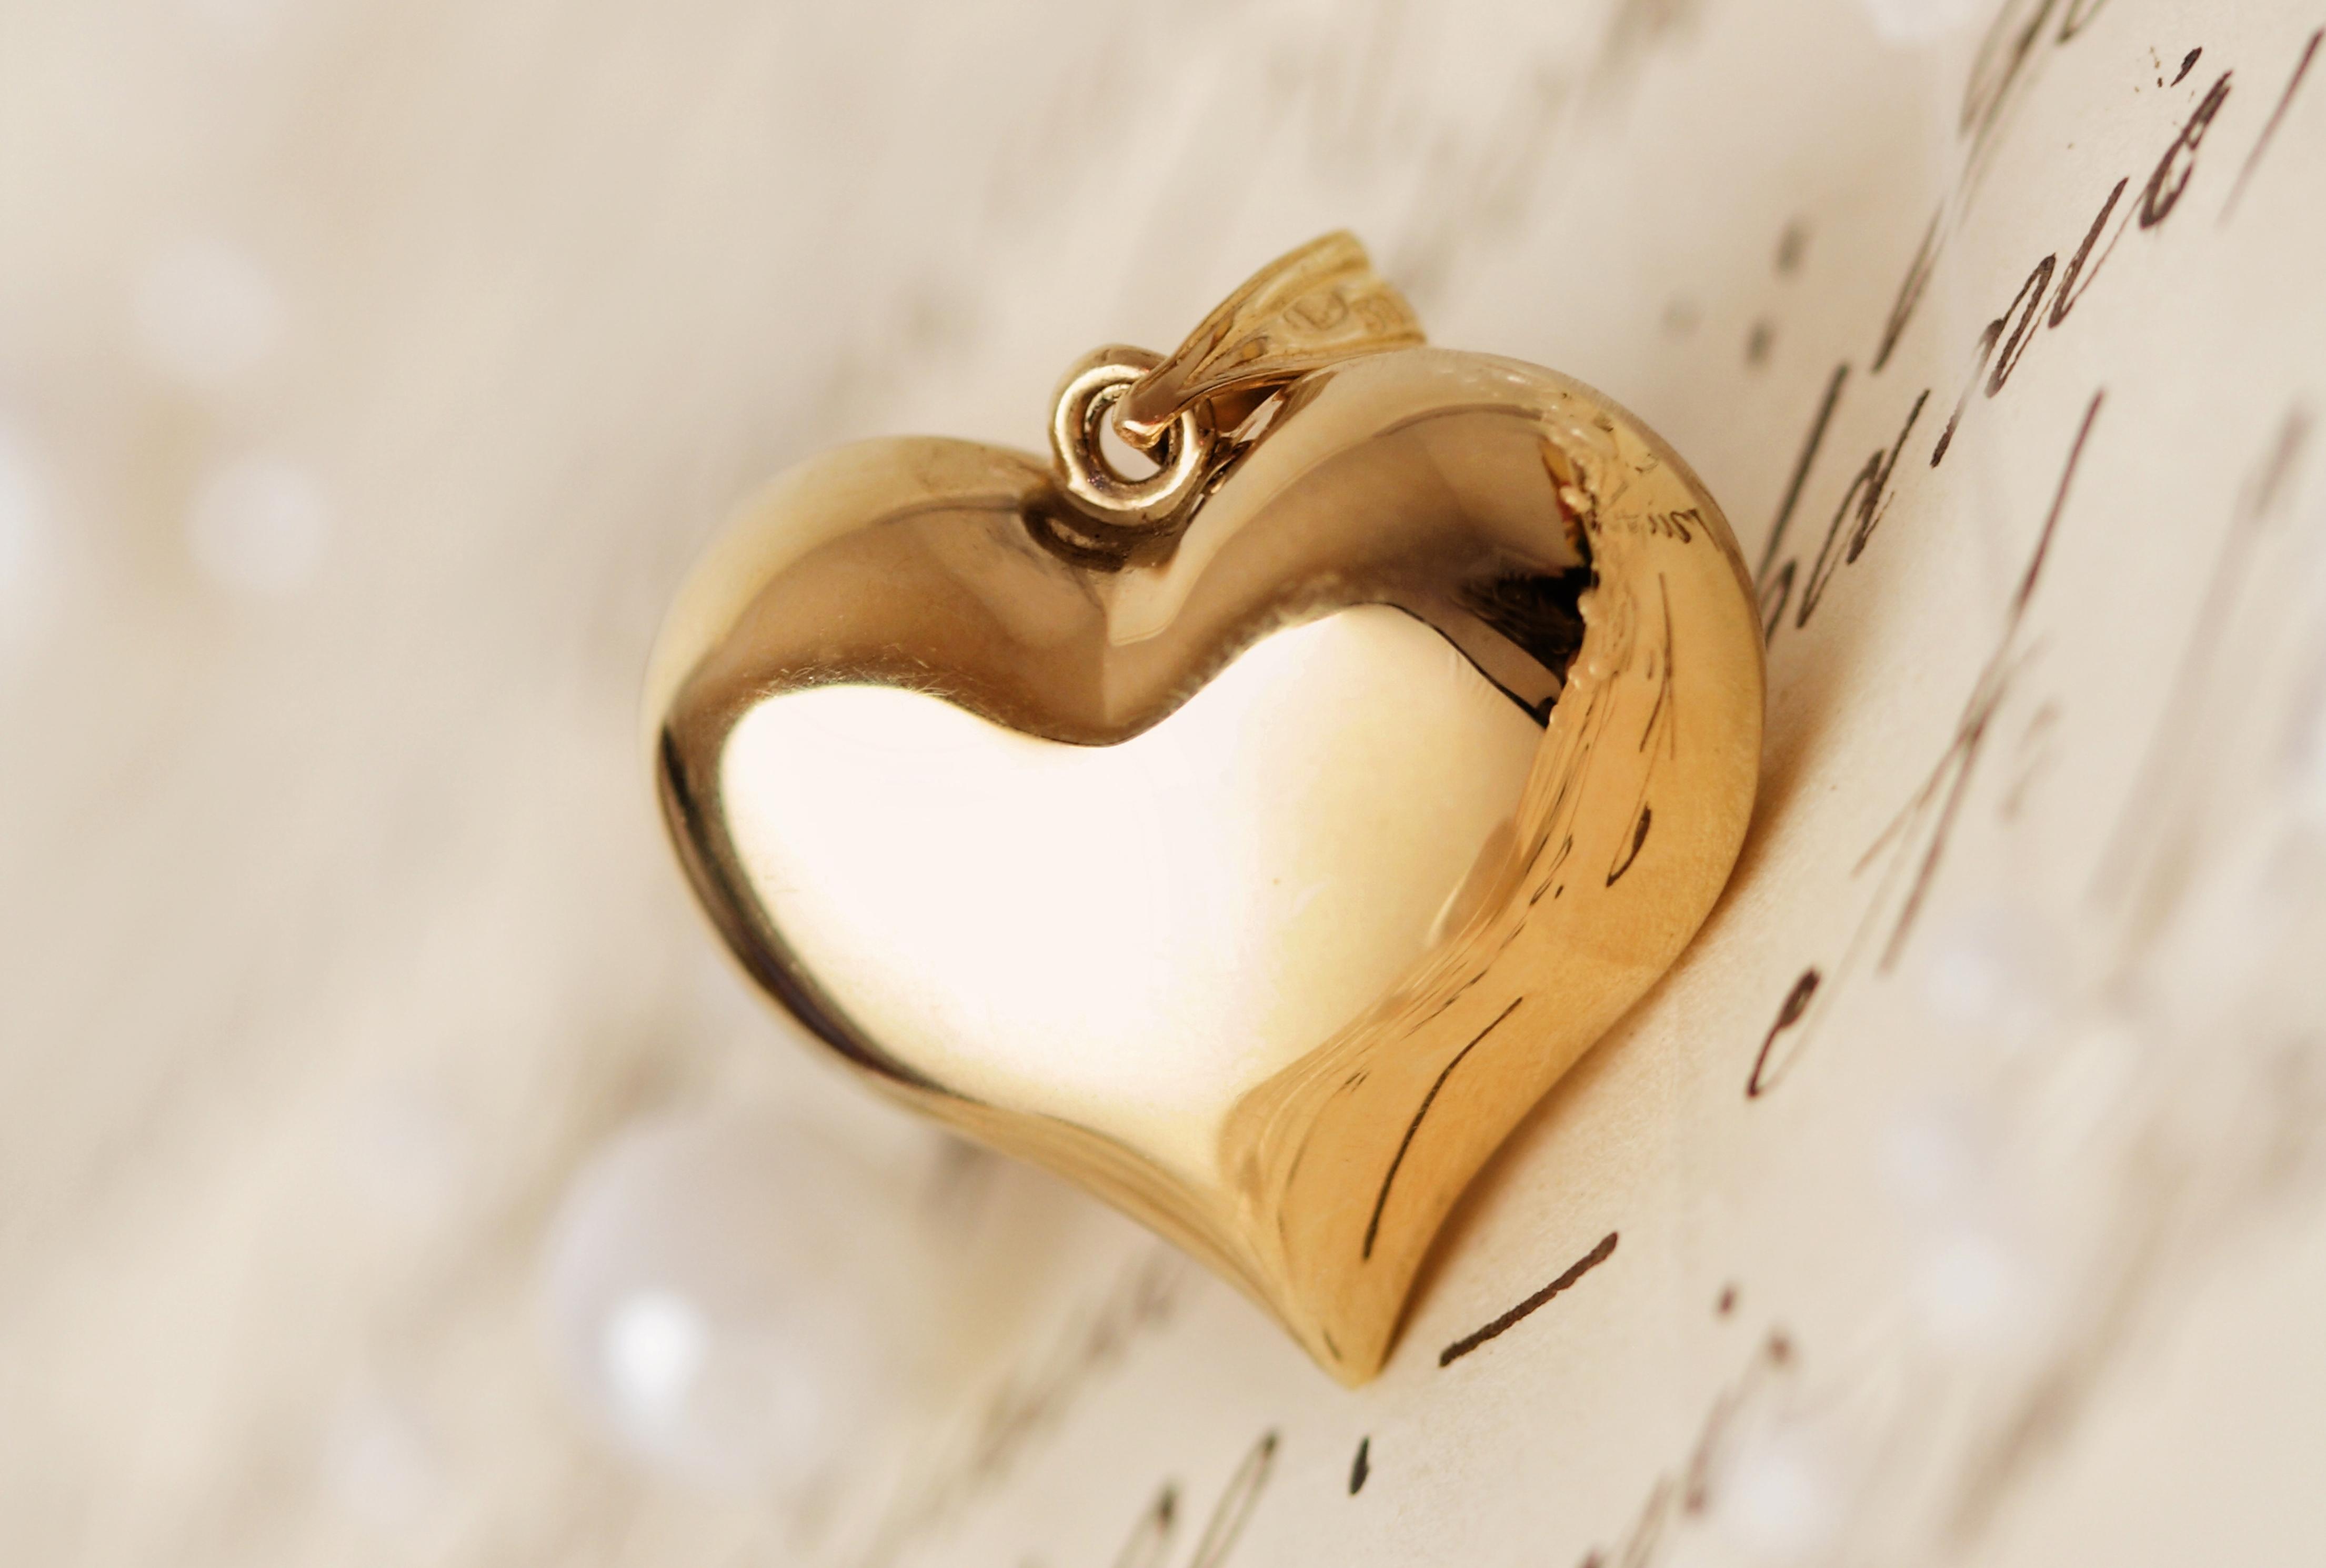 Кулон цепочка сердце  № 2880074 загрузить